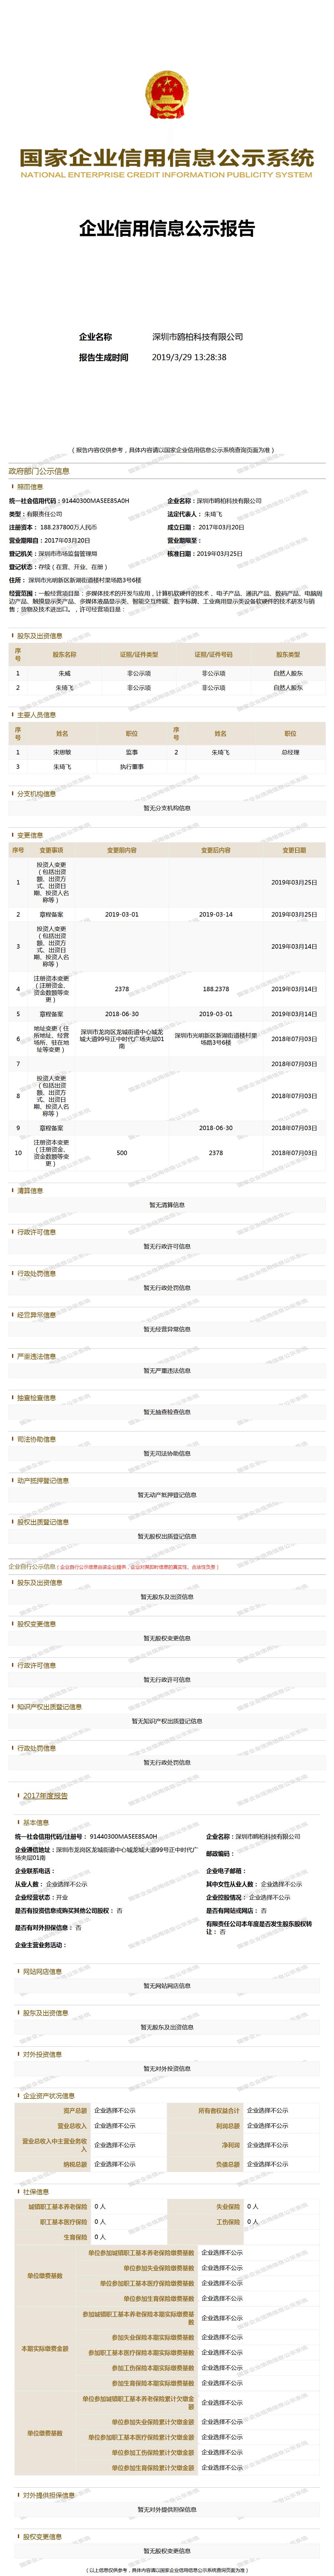 深圳市鸥柏科技有限公司